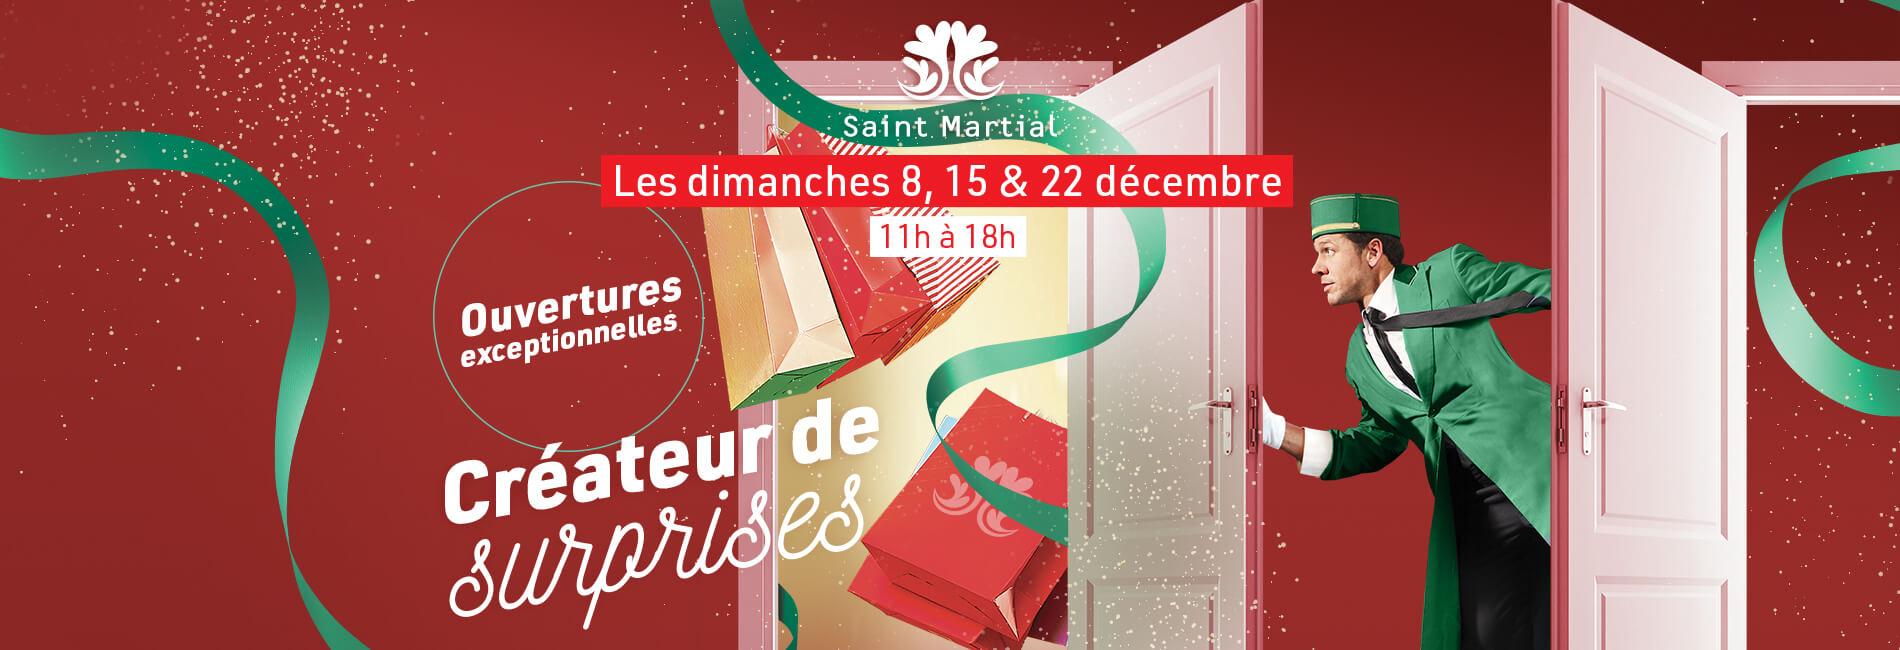 Saint Martial - Ouverture exceptionnelle